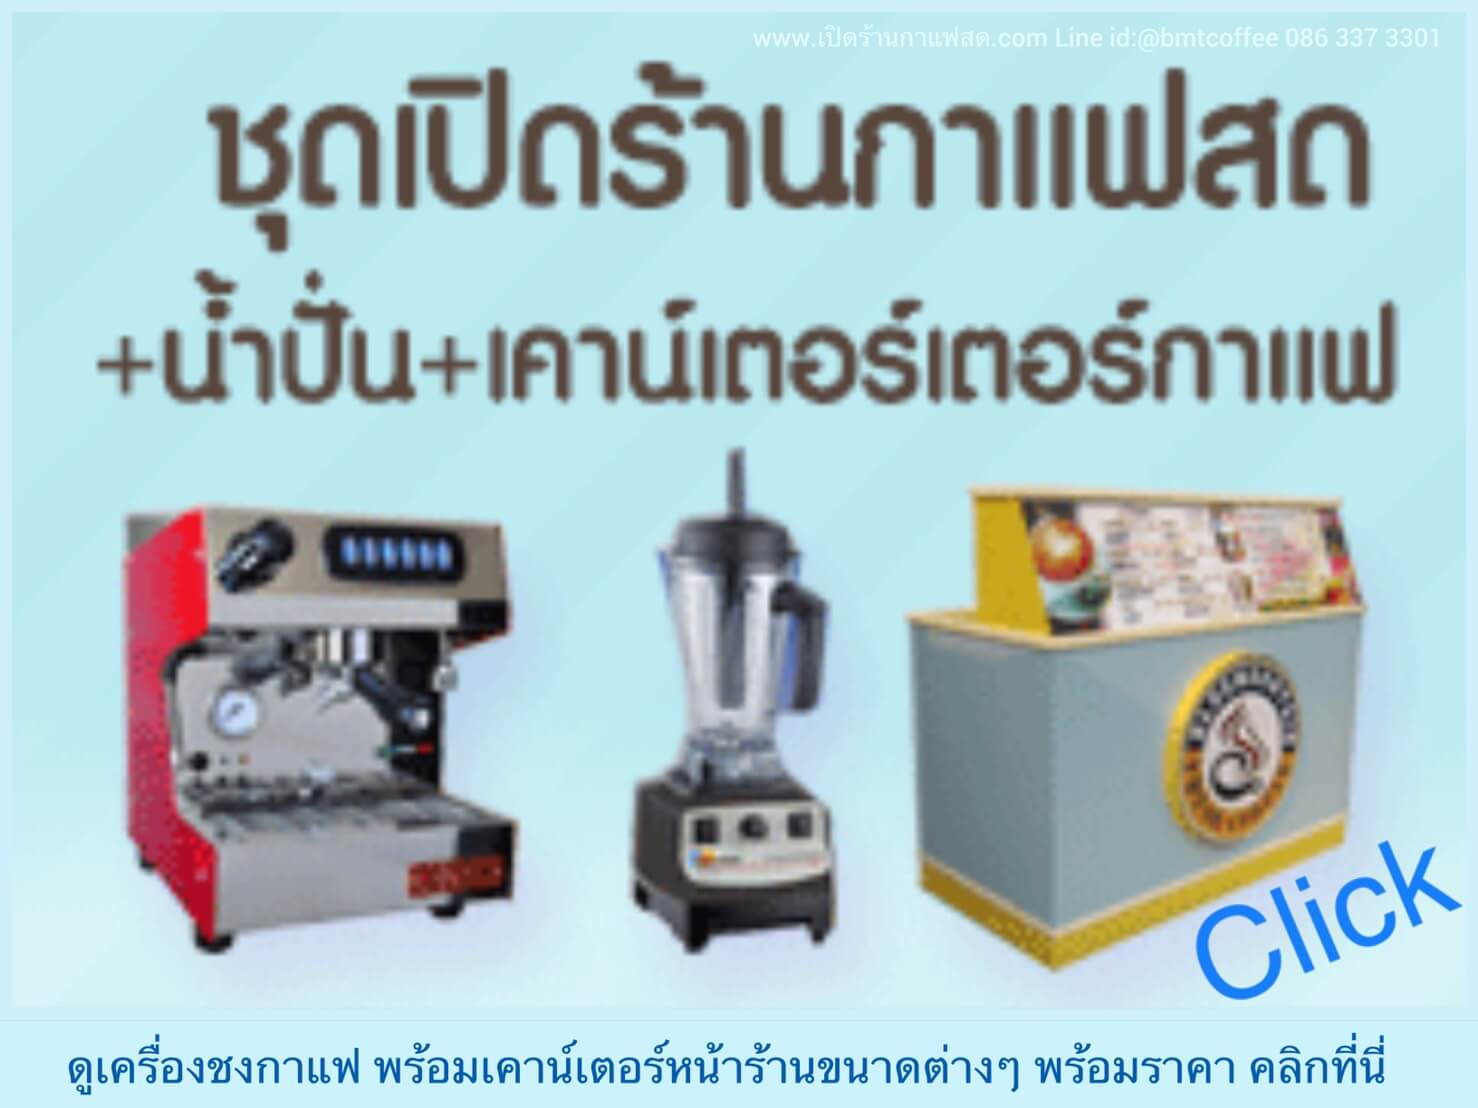 แฟรนไชส์กาแฟสด ลงทุนน้อย, แฟรนไชส์กาแฟสดต้นทุนต่ำ, แฟรนไชส์กาแฟ, วางแผนเปิดร้านกาแฟ, ธุรกิจร้านกาแฟ, อยากเปิดร้านกาแฟสด, เริ่มต้นธุรกิจร้านกาแฟ, ขั้นตอนในการเปิดร้านกาแฟ, เปิดร้านกาแฟสดลงทุนเท่าไหร่, อุปกรณ์เปิดร้านกาแฟมีอะไรบ้าง, เปิดร้านกาแฟต้องเริ่มยังไง, เปิดร้านกาแฟ ต้องเตรียมอะไรบ้าง, เปิดร้านกาแฟสดให้รุ่งให้รอด, เปิดร้านกาแฟสดอย่างไรให้รวย, เปิดร้านกาแฟไม่ยากต้องเปิดกับมืออาชีพ, แฟรนไชส์กาแฟสดบลูเมาท์เทนคอฟฟี, วัตถุดิบอุปกรณ์เปิดร้านกาแฟ